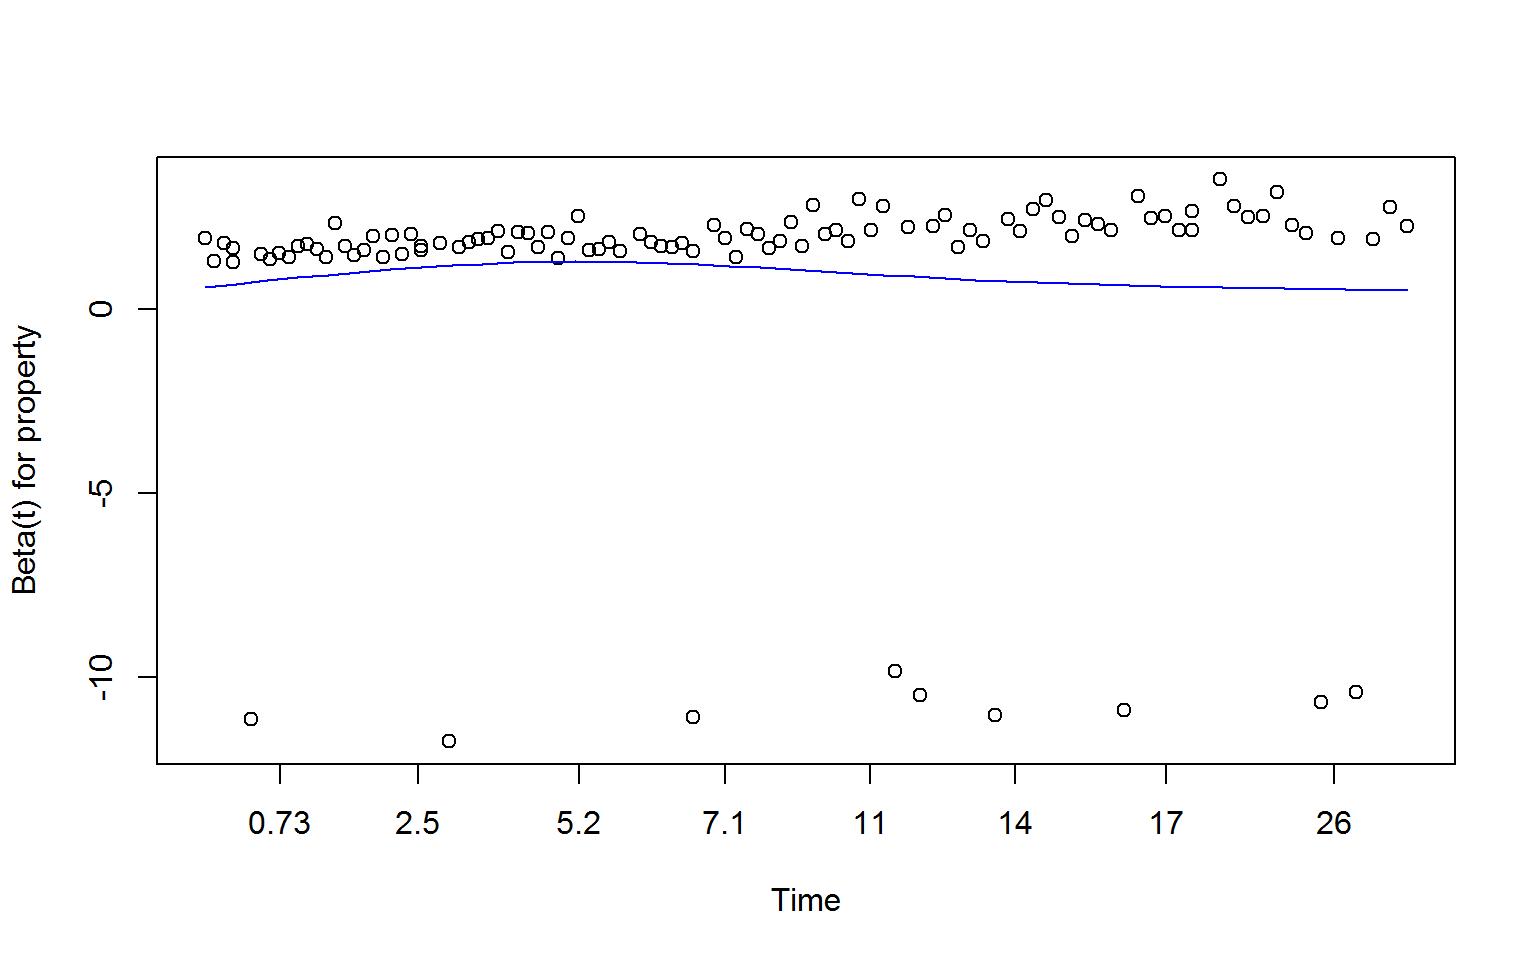 Image ch15_Figure-15.5-schoenfeld-residuals-coxzph-2